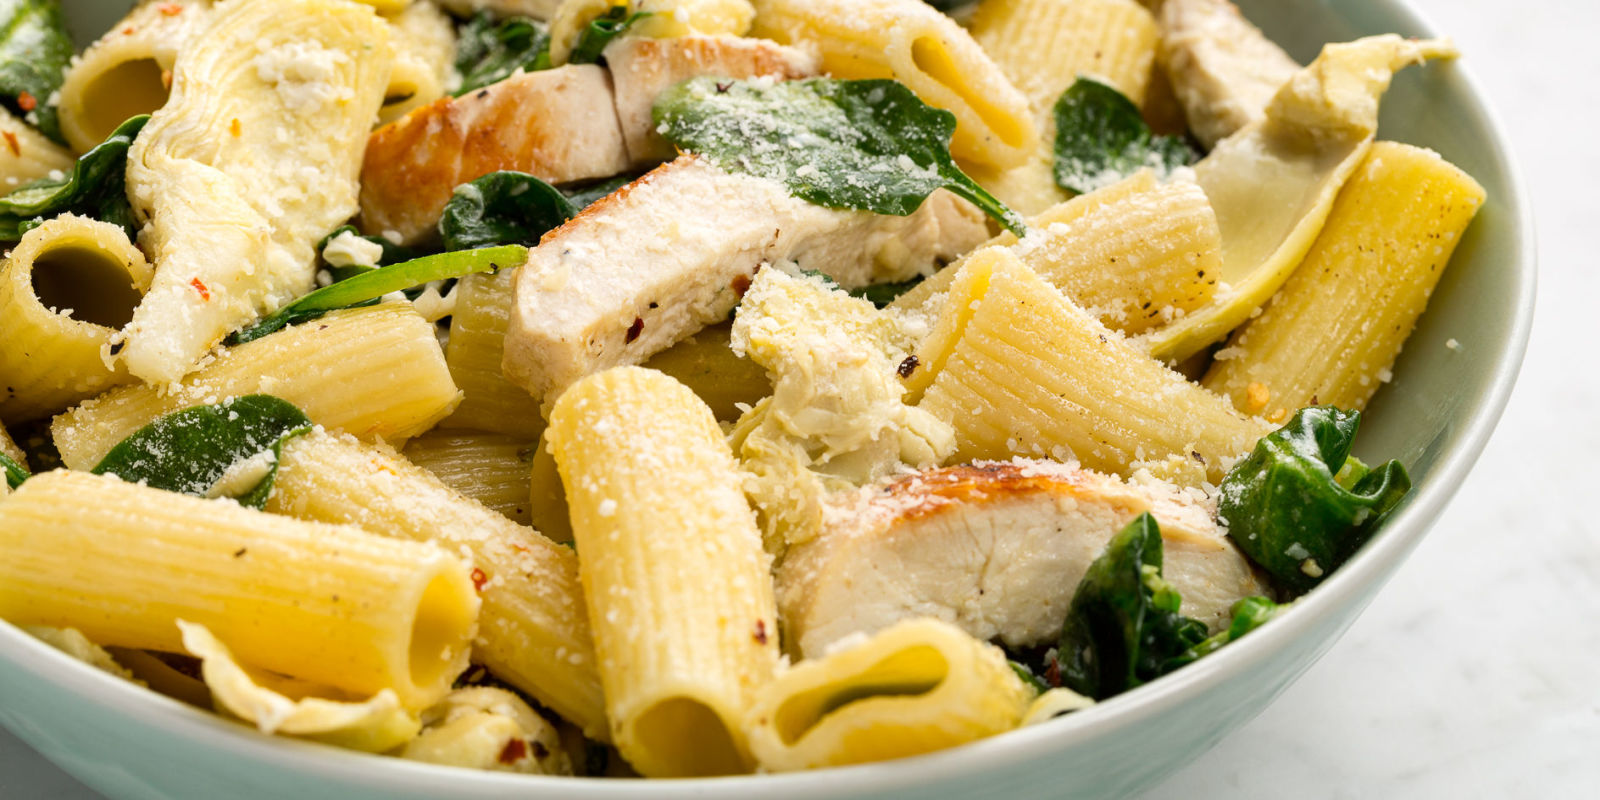 ... Rigatoni Recipe - How to Make Chicken, Spinach, and Artichoke Rigatoni